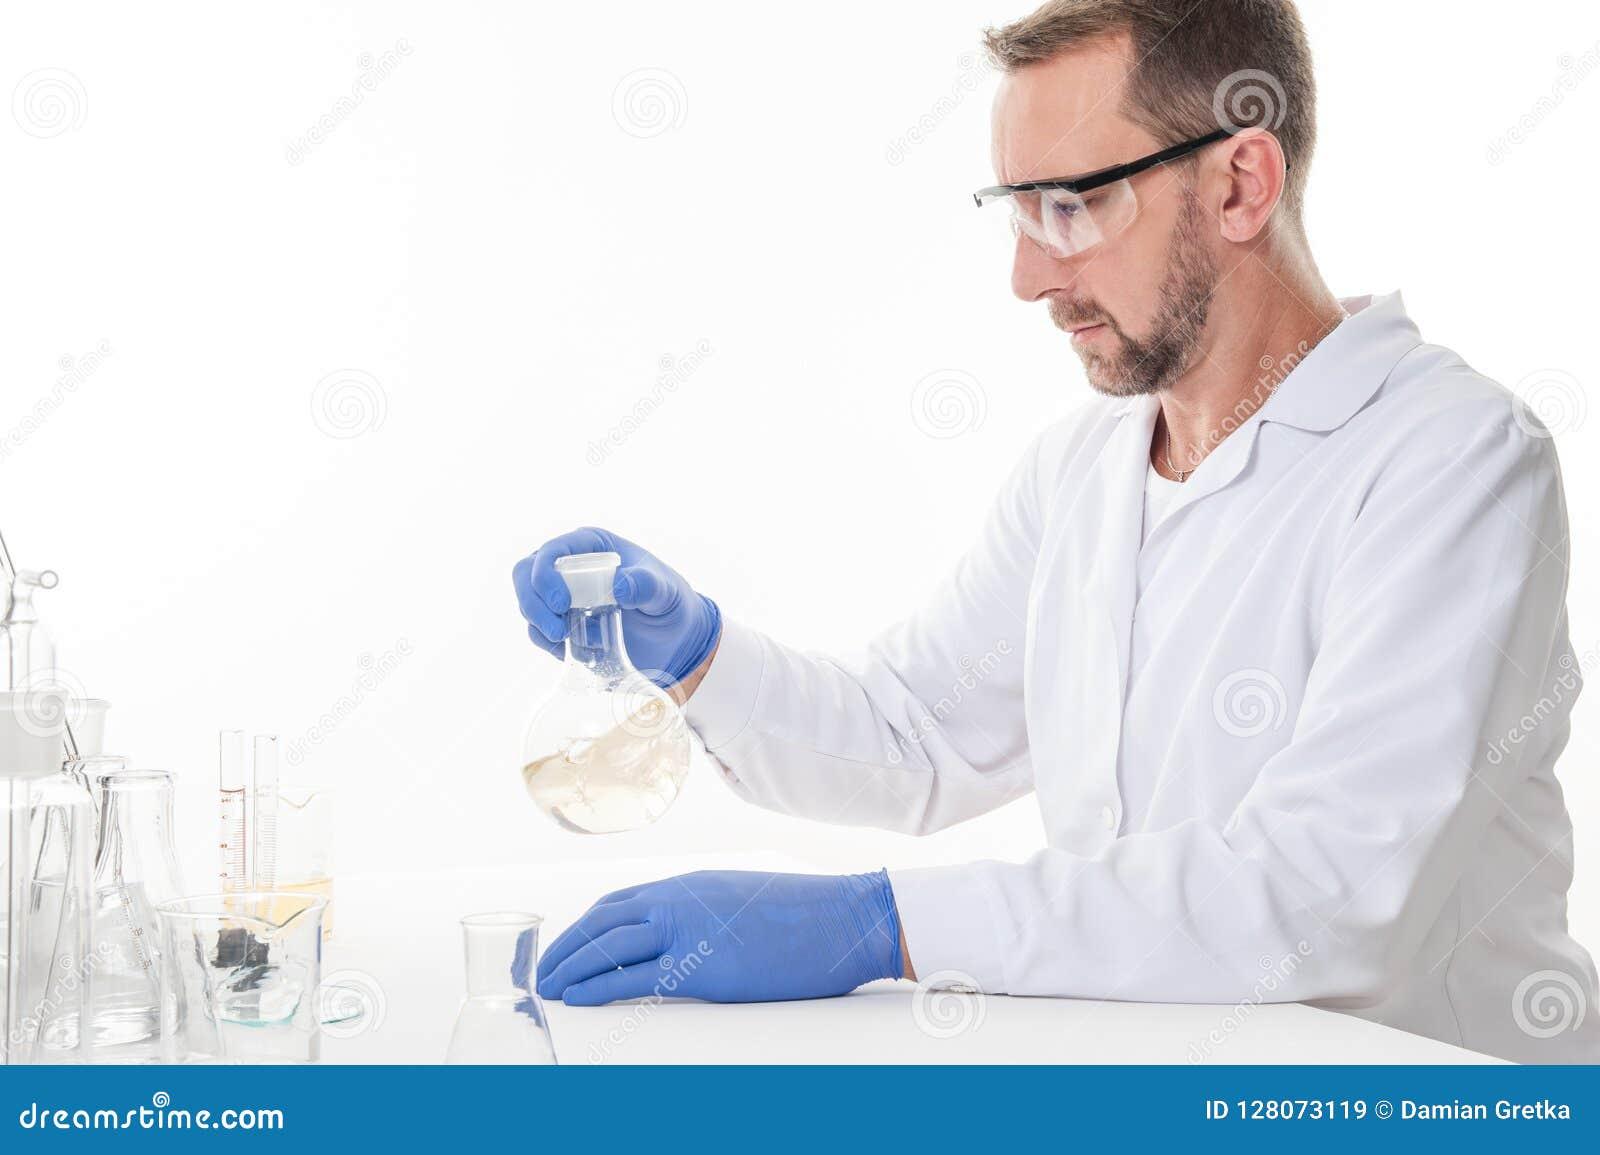 Mening van een mens in het laboratorium terwijl het uitvoeren van experimenten